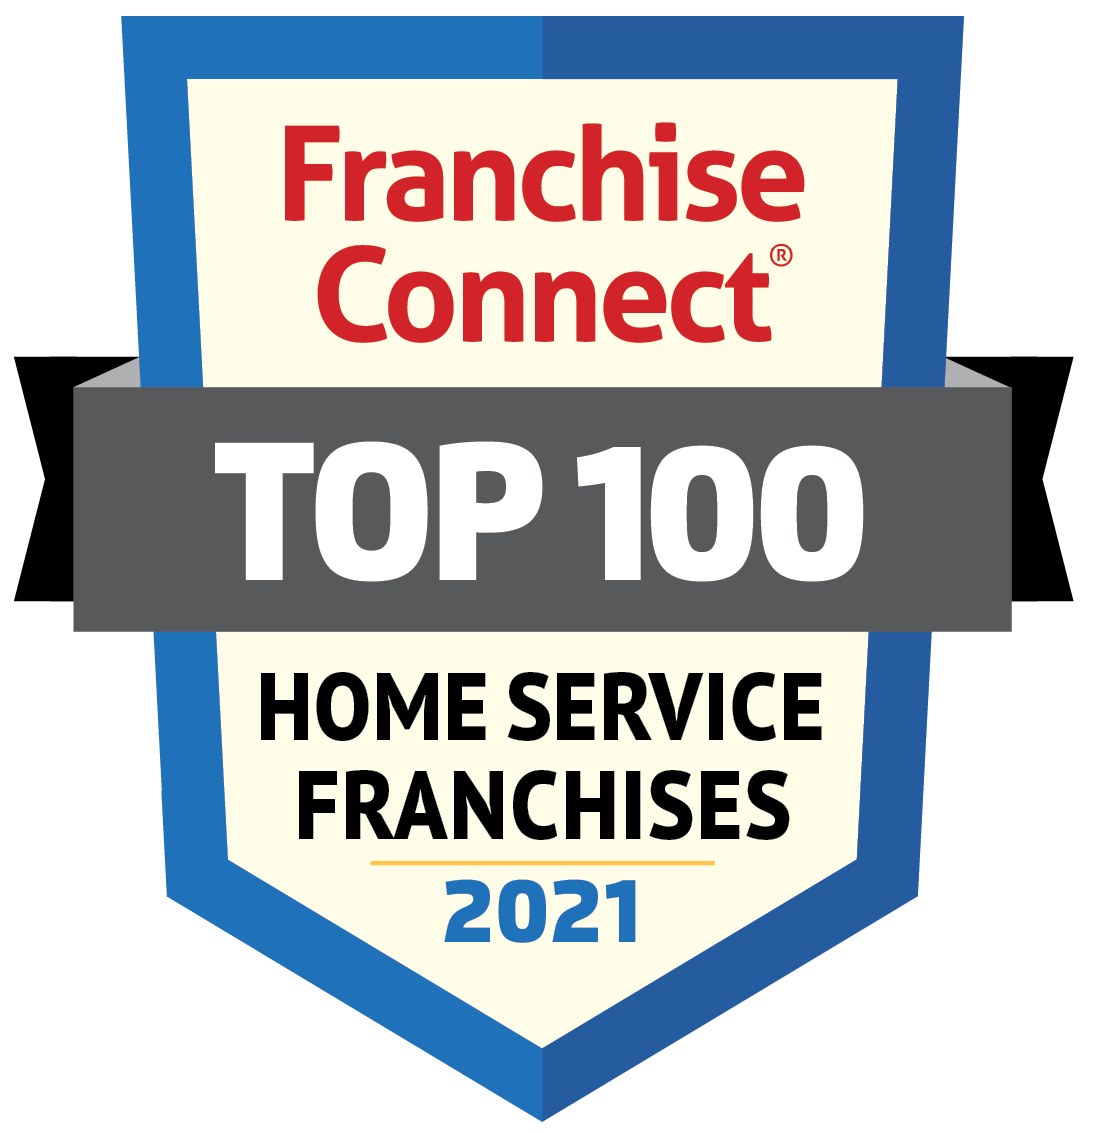 franchise award